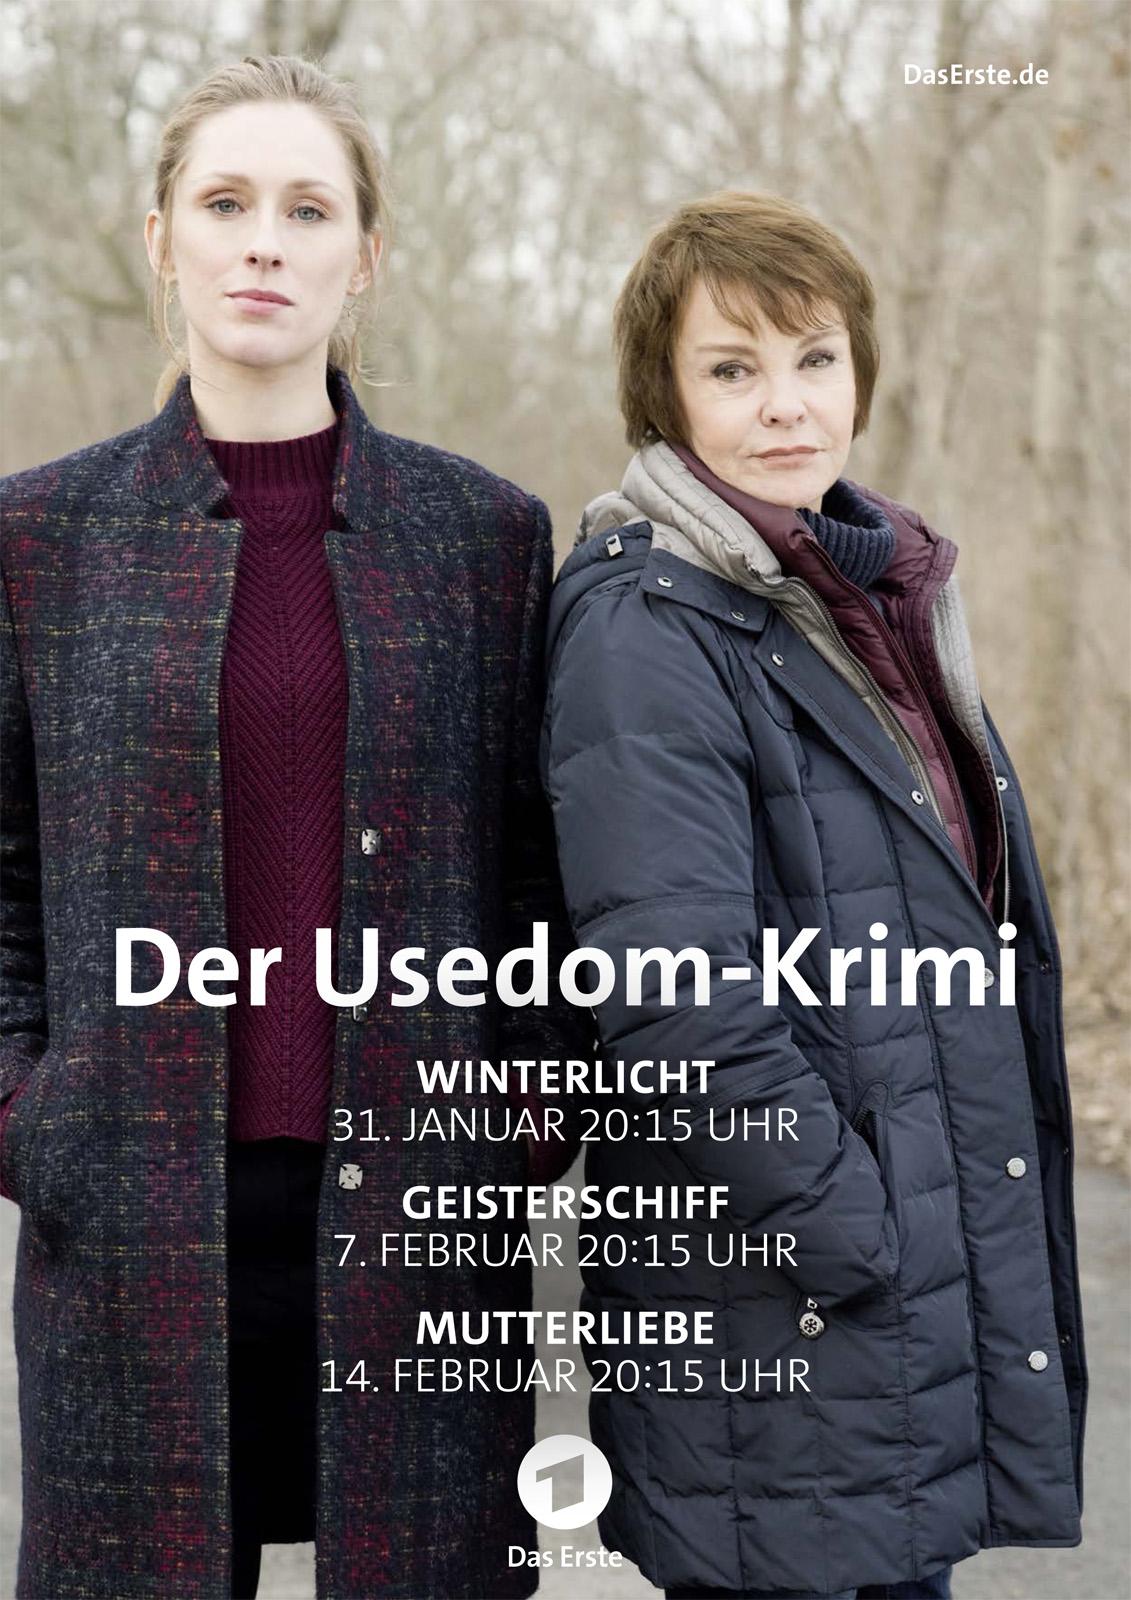 Winterlicht - Der Usedom-Krimi